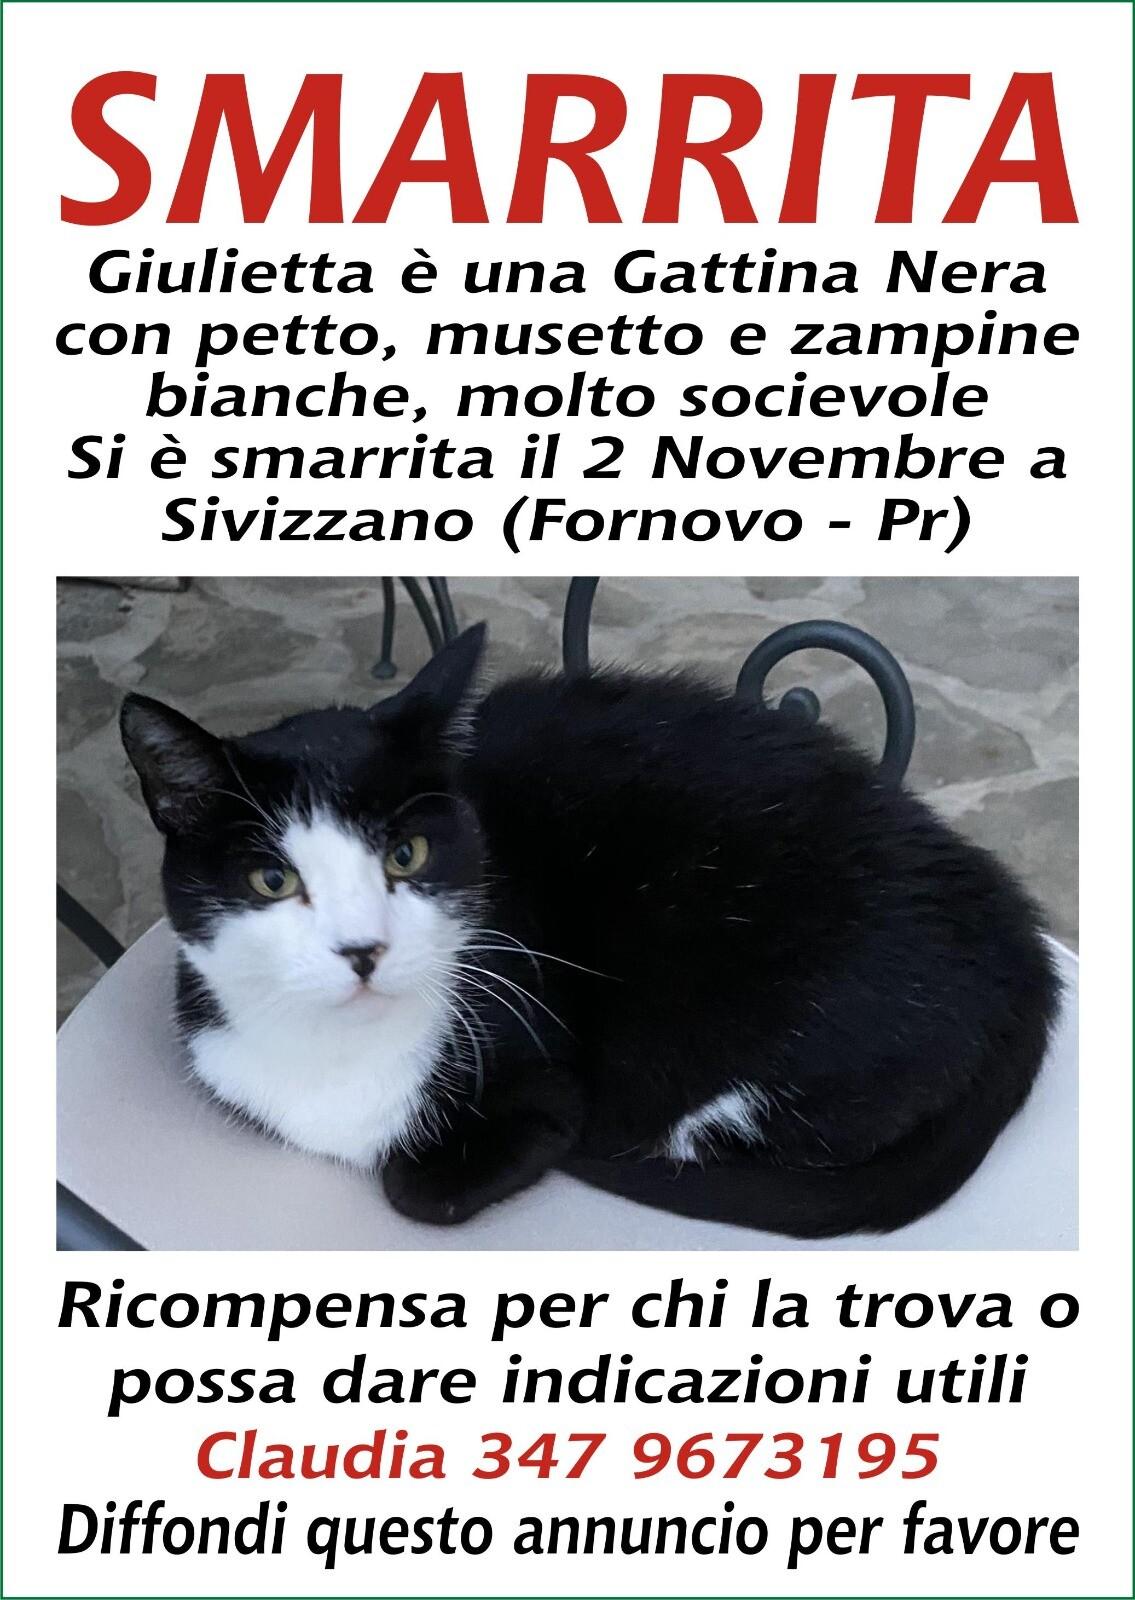 Giulietta si è SMARRITA in zona Sivizzano